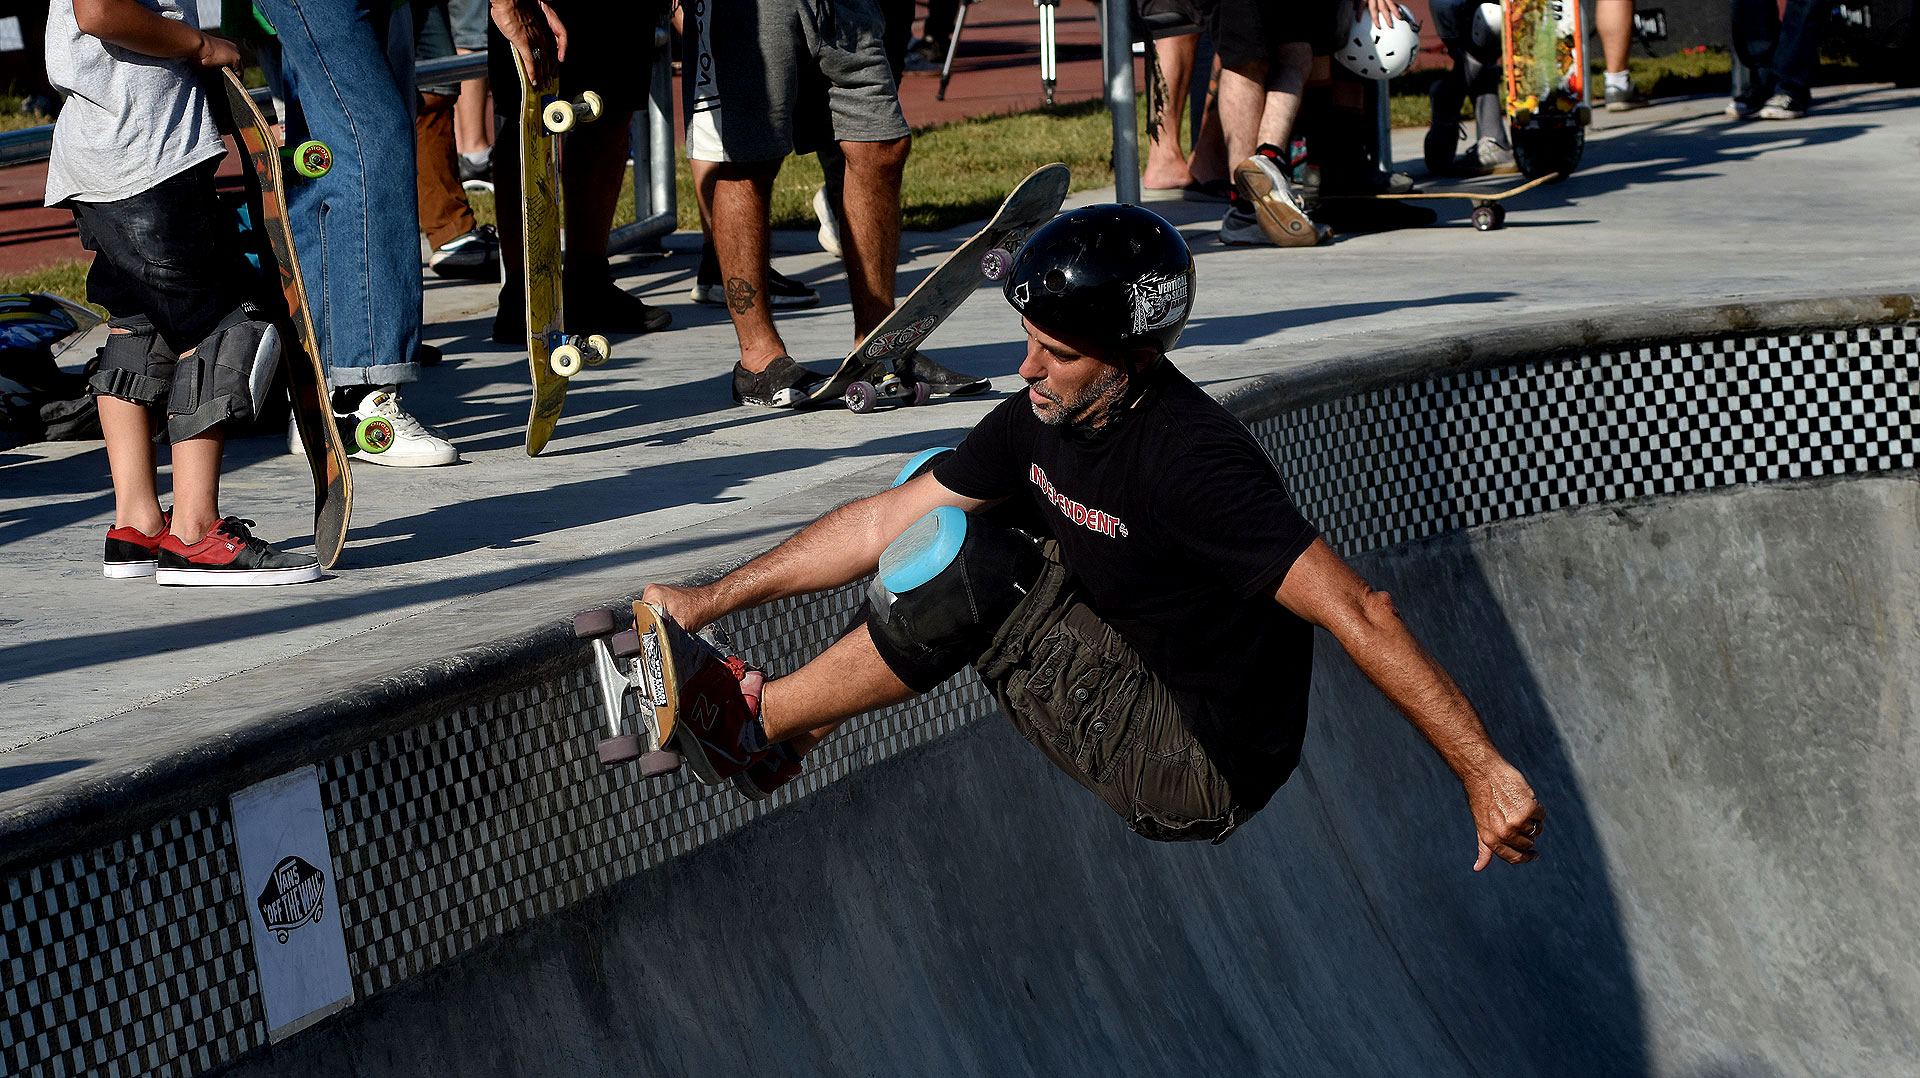 La pista profesional de skate va a permitir realizar campeonatos internacionales y atraer a figuras de otros países, además de brindar a los atletas nacionales tener un lugar para entrenar